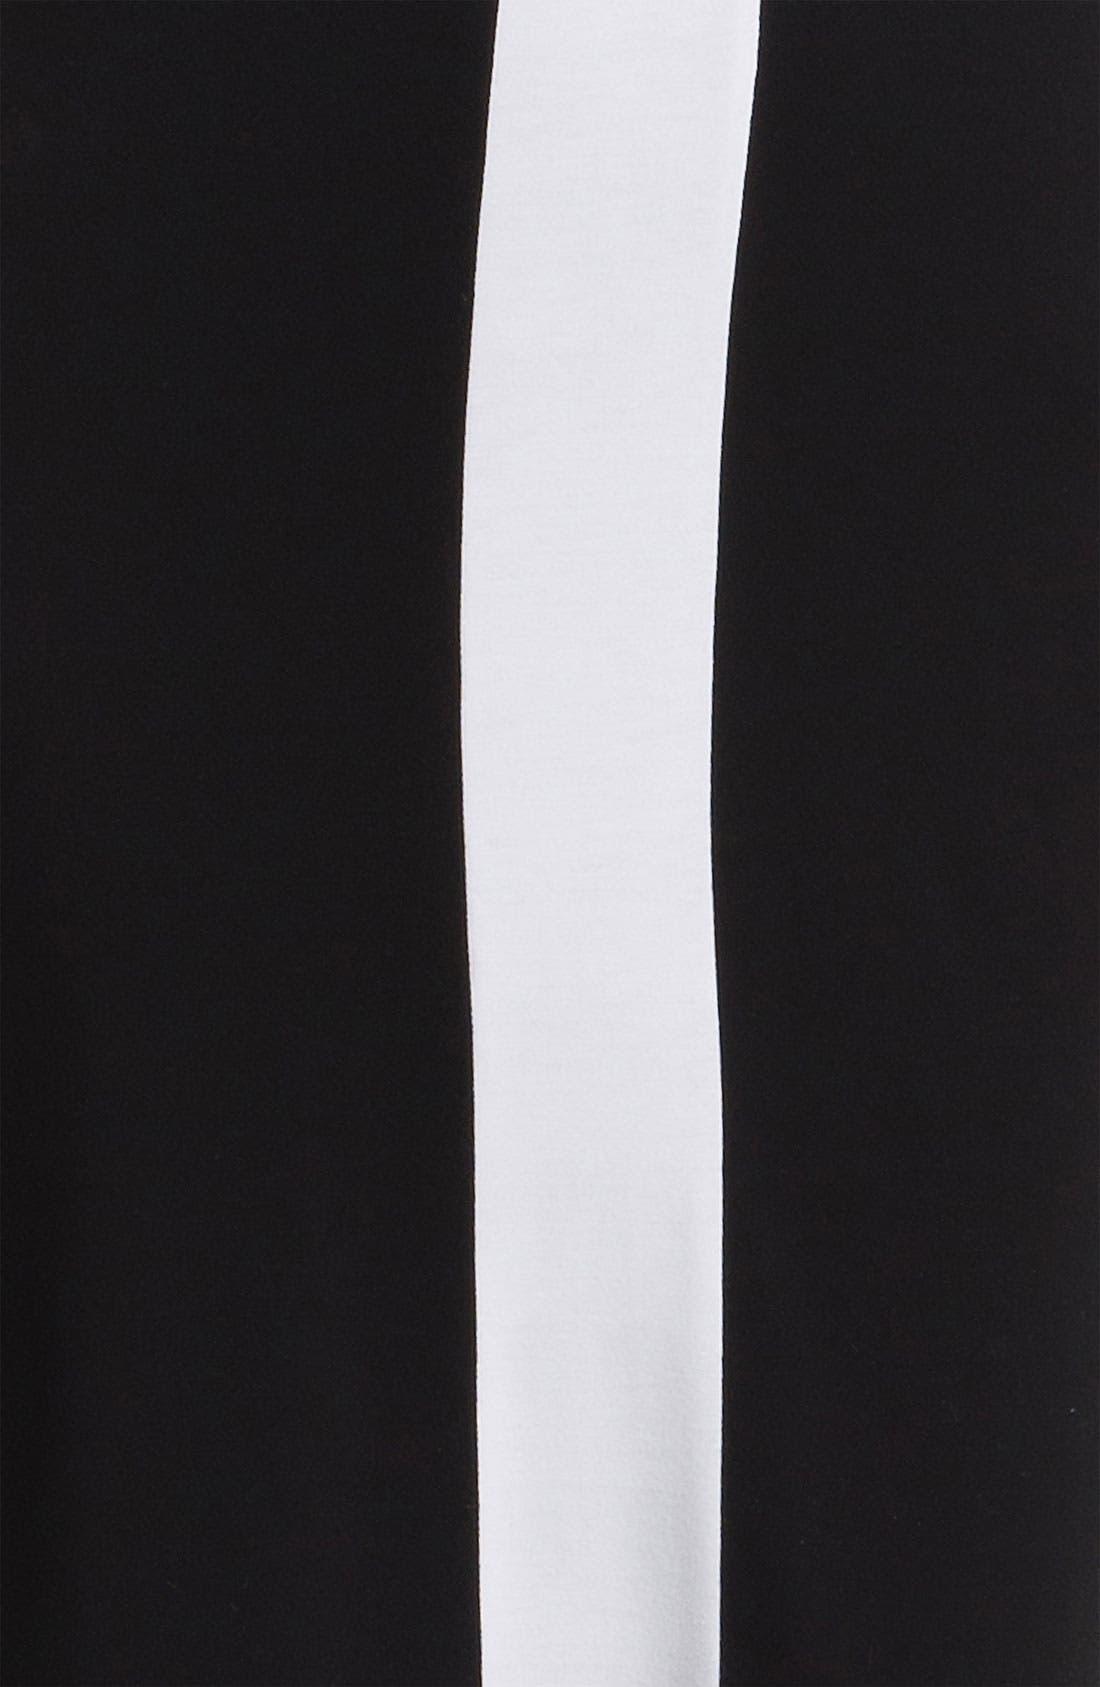 Alternate Image 3  - Karen Kane Sleeveless Contrast Dress